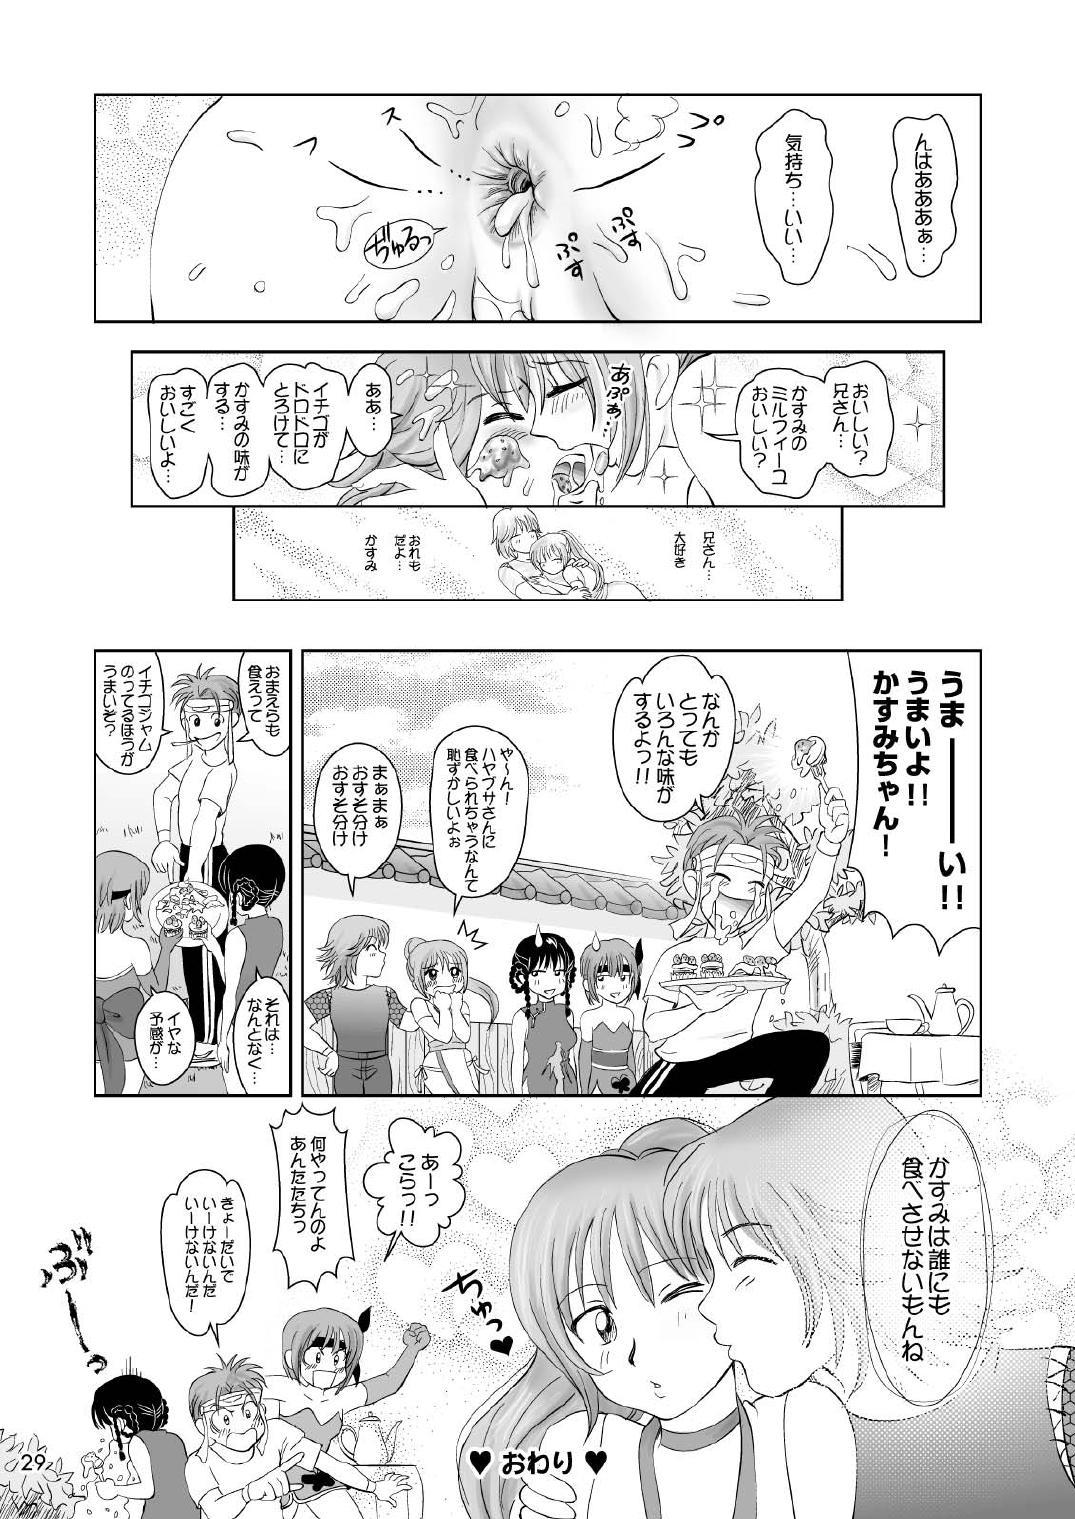 Sugoiyo!! Kasumi-chan 2 28